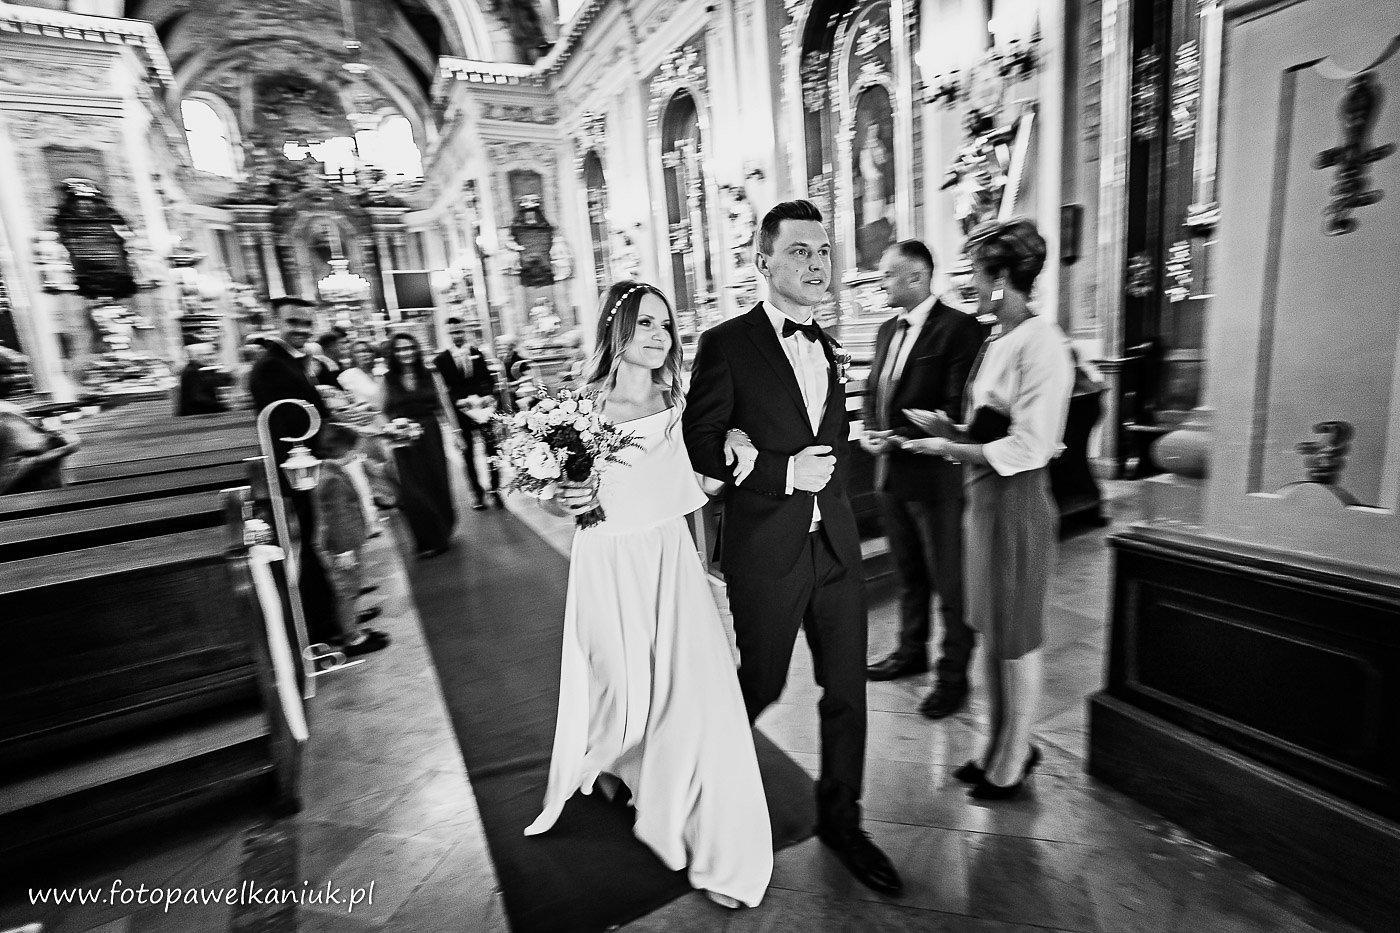 zdjęcia ślubne Lublin, fotograf Paweł Kaniuk